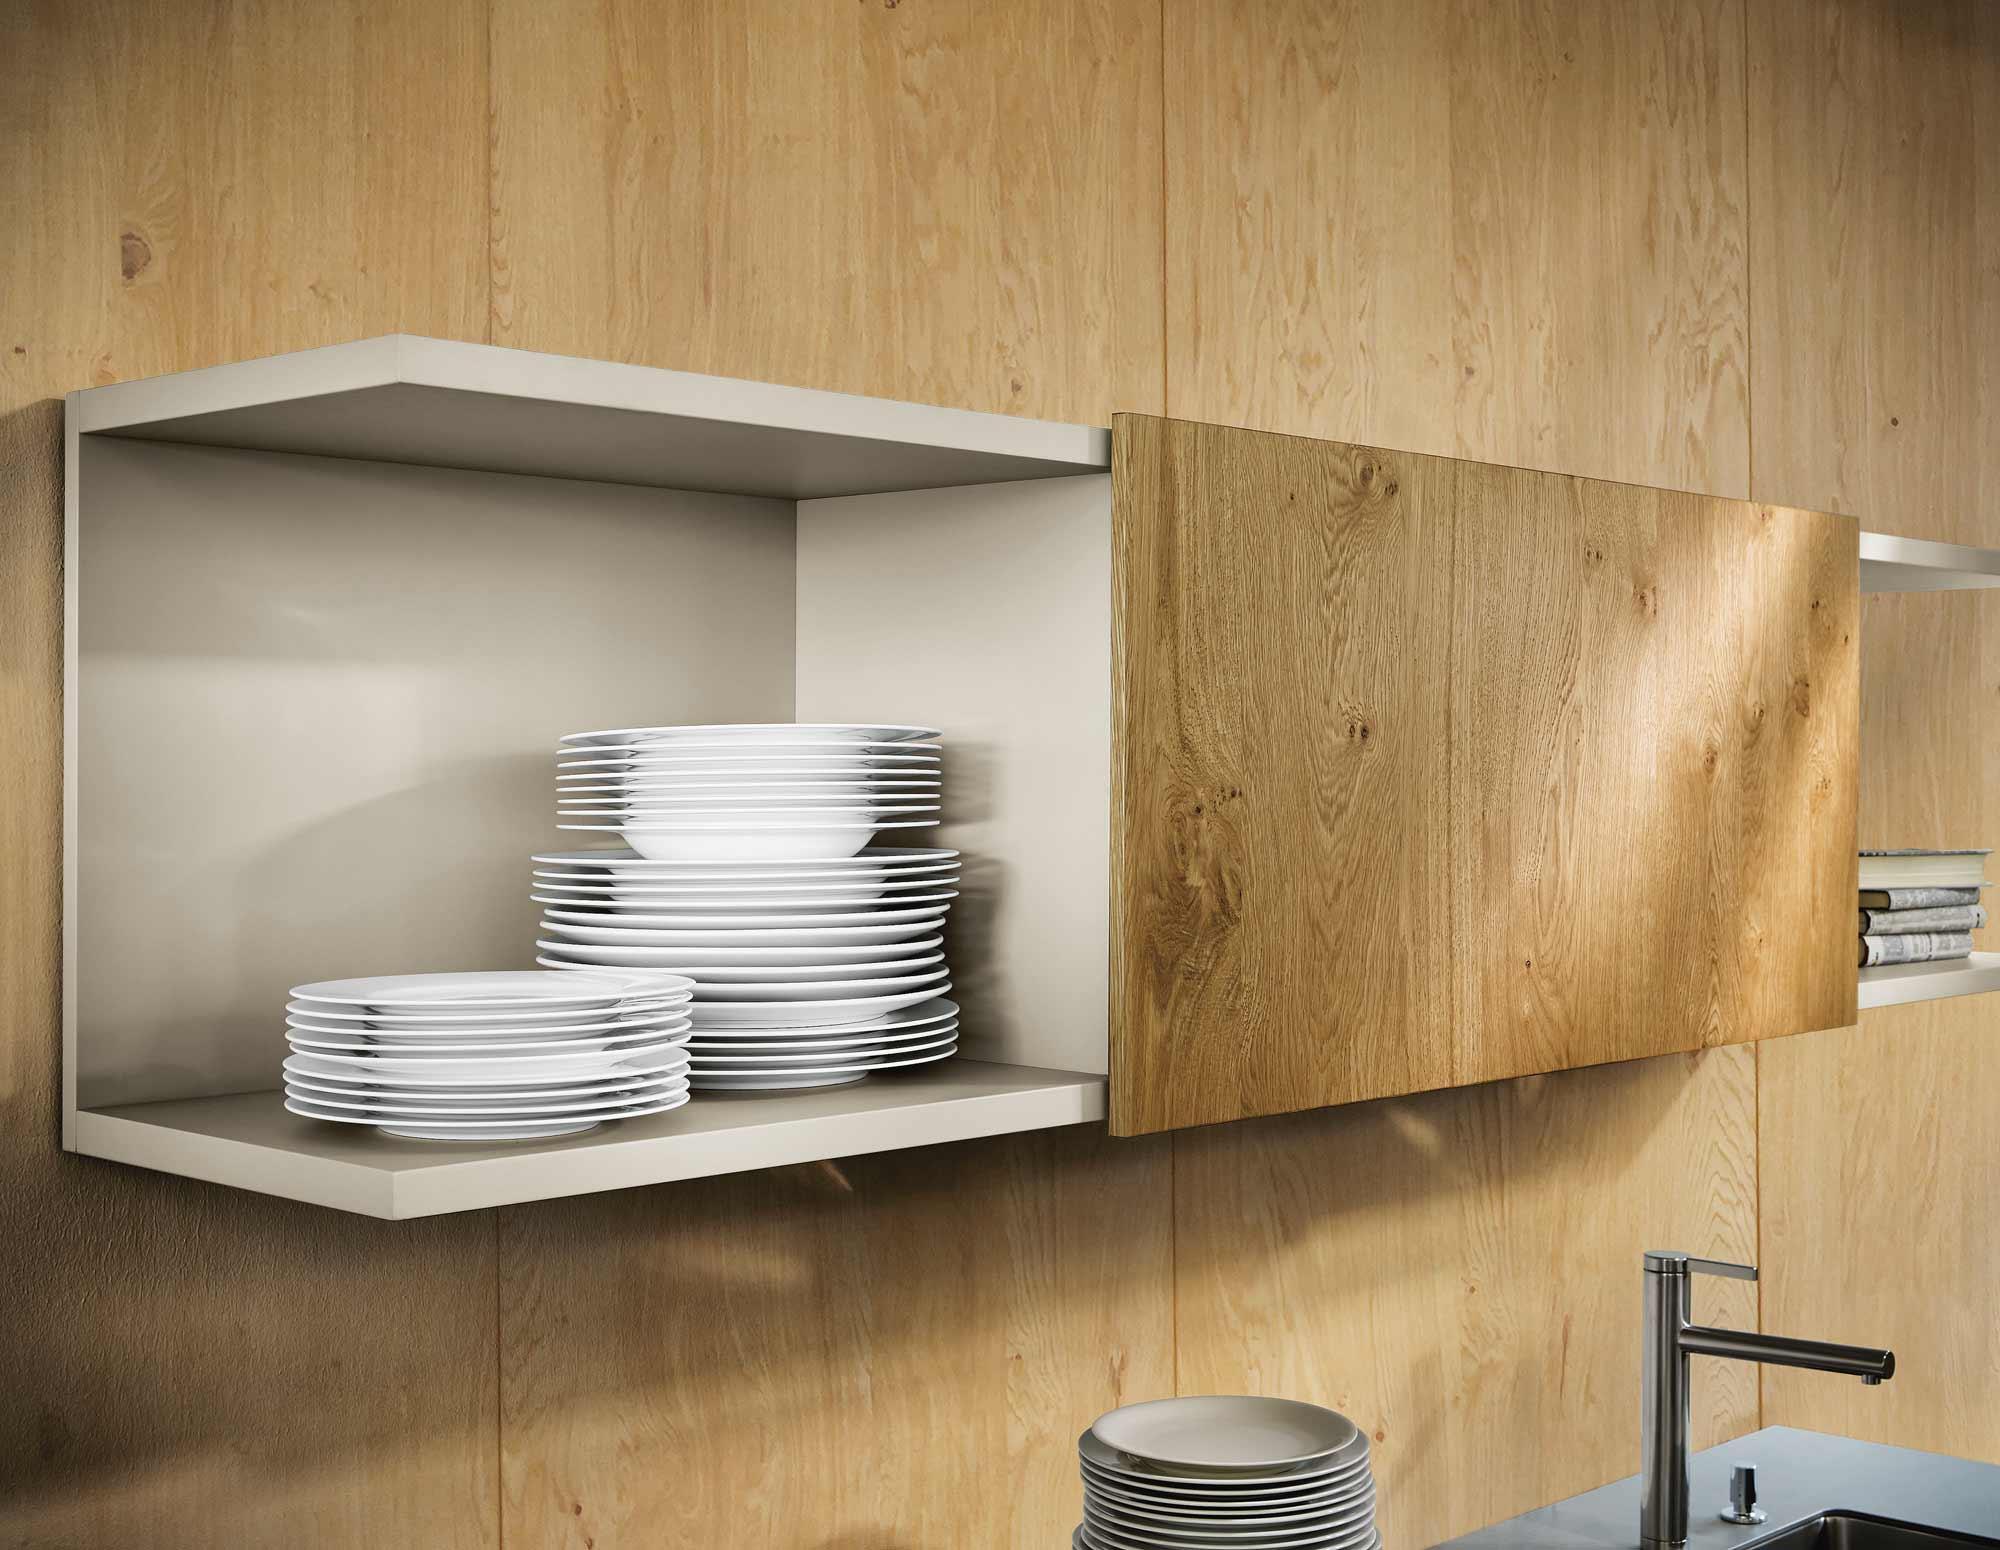 Full Size of Ihre Neue Next125 Kche Designkche Nx510 Mit Lack Front In Matt Küche Rustikal Deckenleuchten Landhaus Günstig Elektrogeräten Pendelleuchte Was Kostet Eine Wohnzimmer Hängeschrank Küche Glas